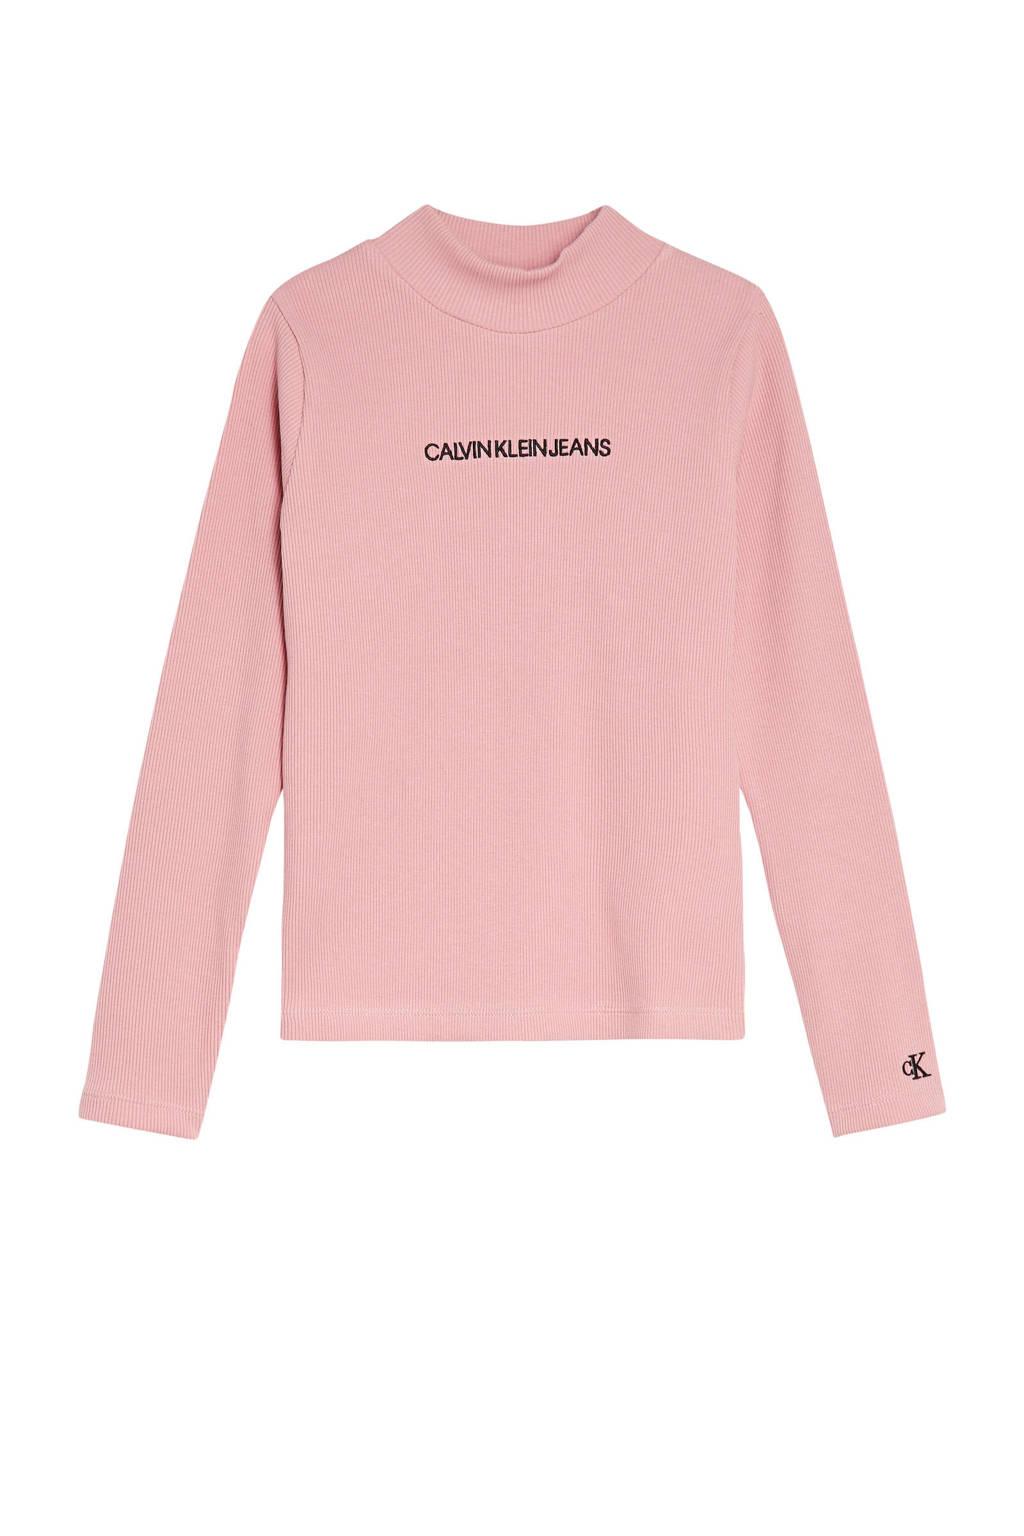 CALVIN KLEIN JEANS longsleeve met biologisch katoen roze/zwart, Roze/zwart